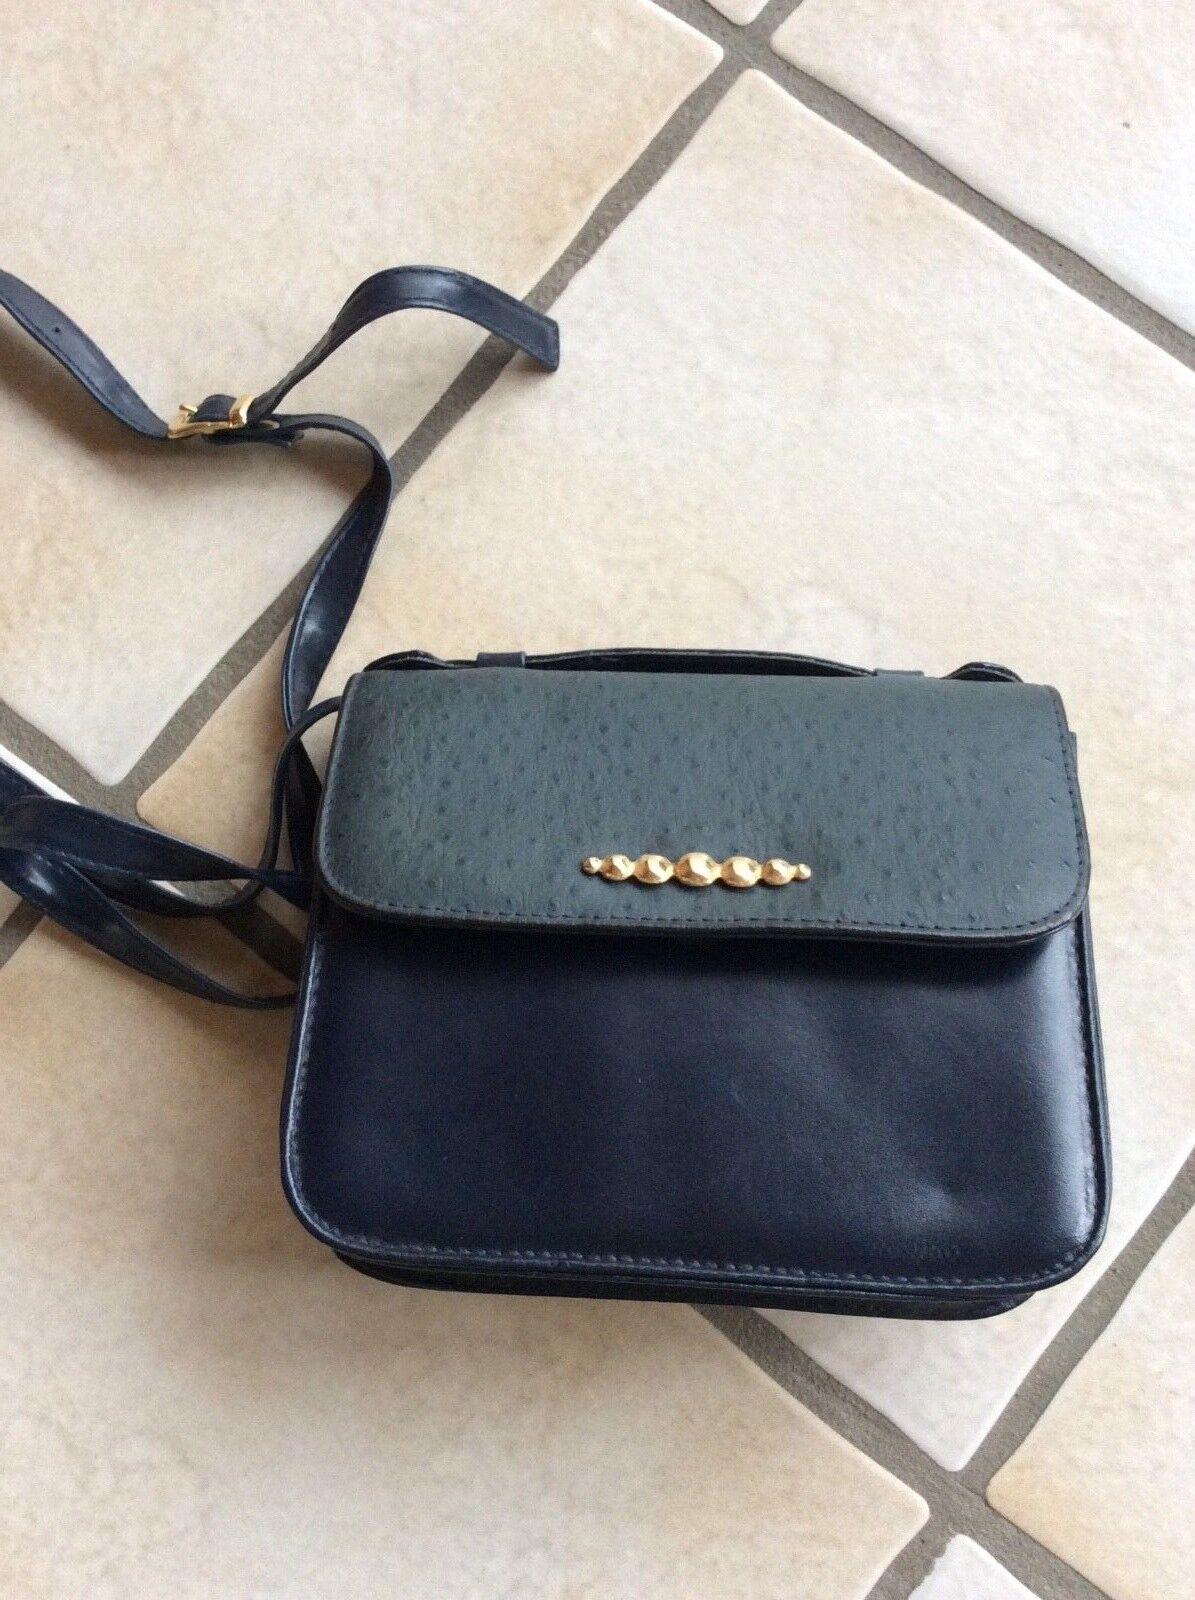 dunkelblaue Handtasche  **klein**wie neu**